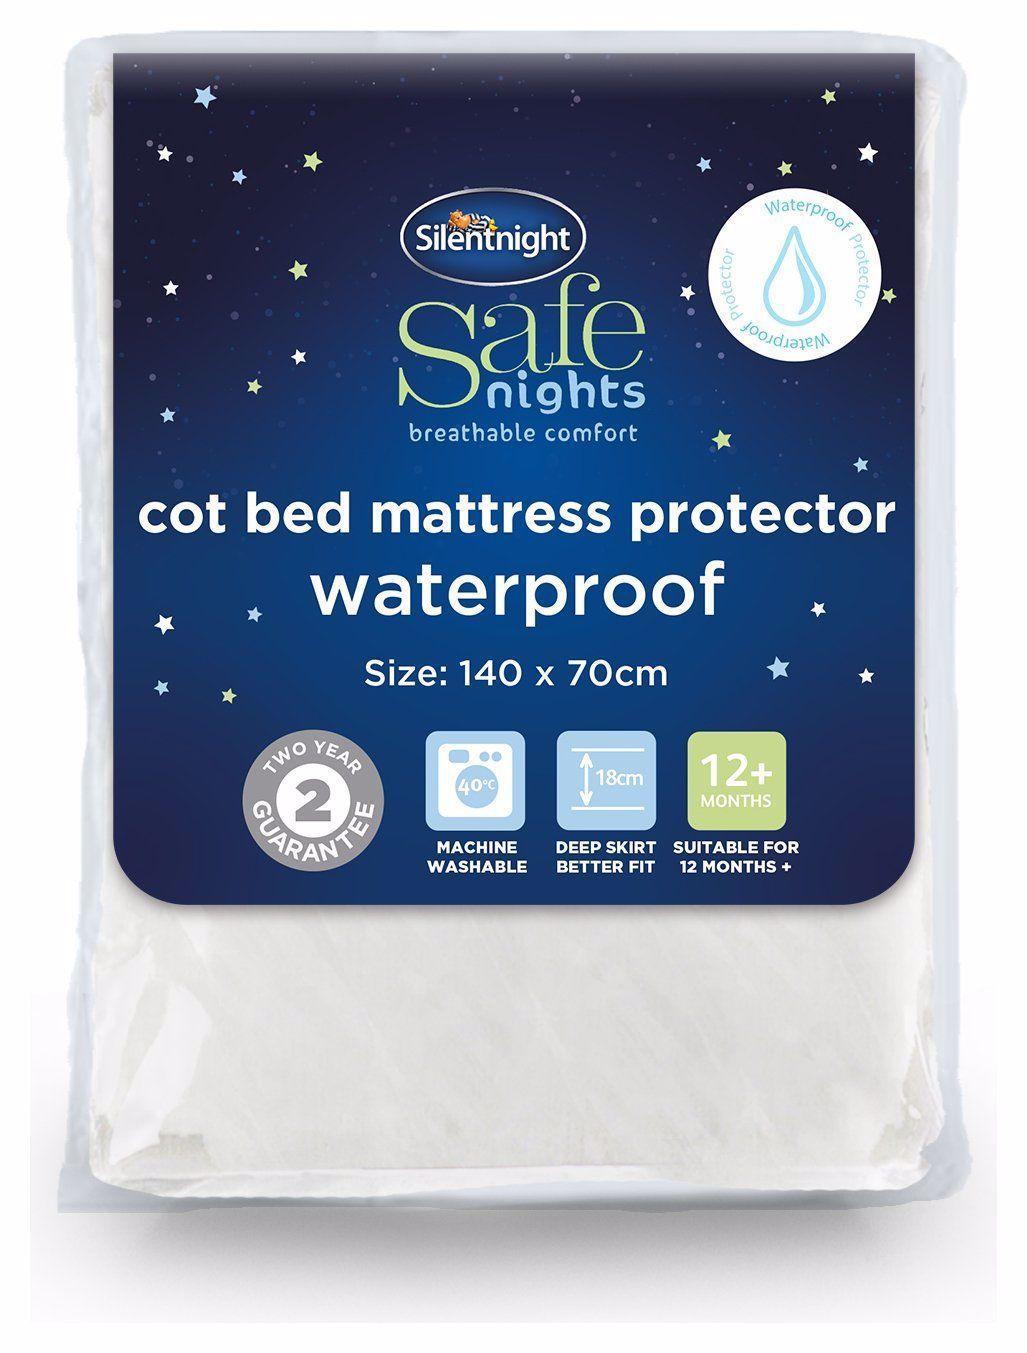 Silentnight Quilted Waterproof Mattress Protector Toddler In 2020 Silentnight Mattress Protector Waterproof Mattress